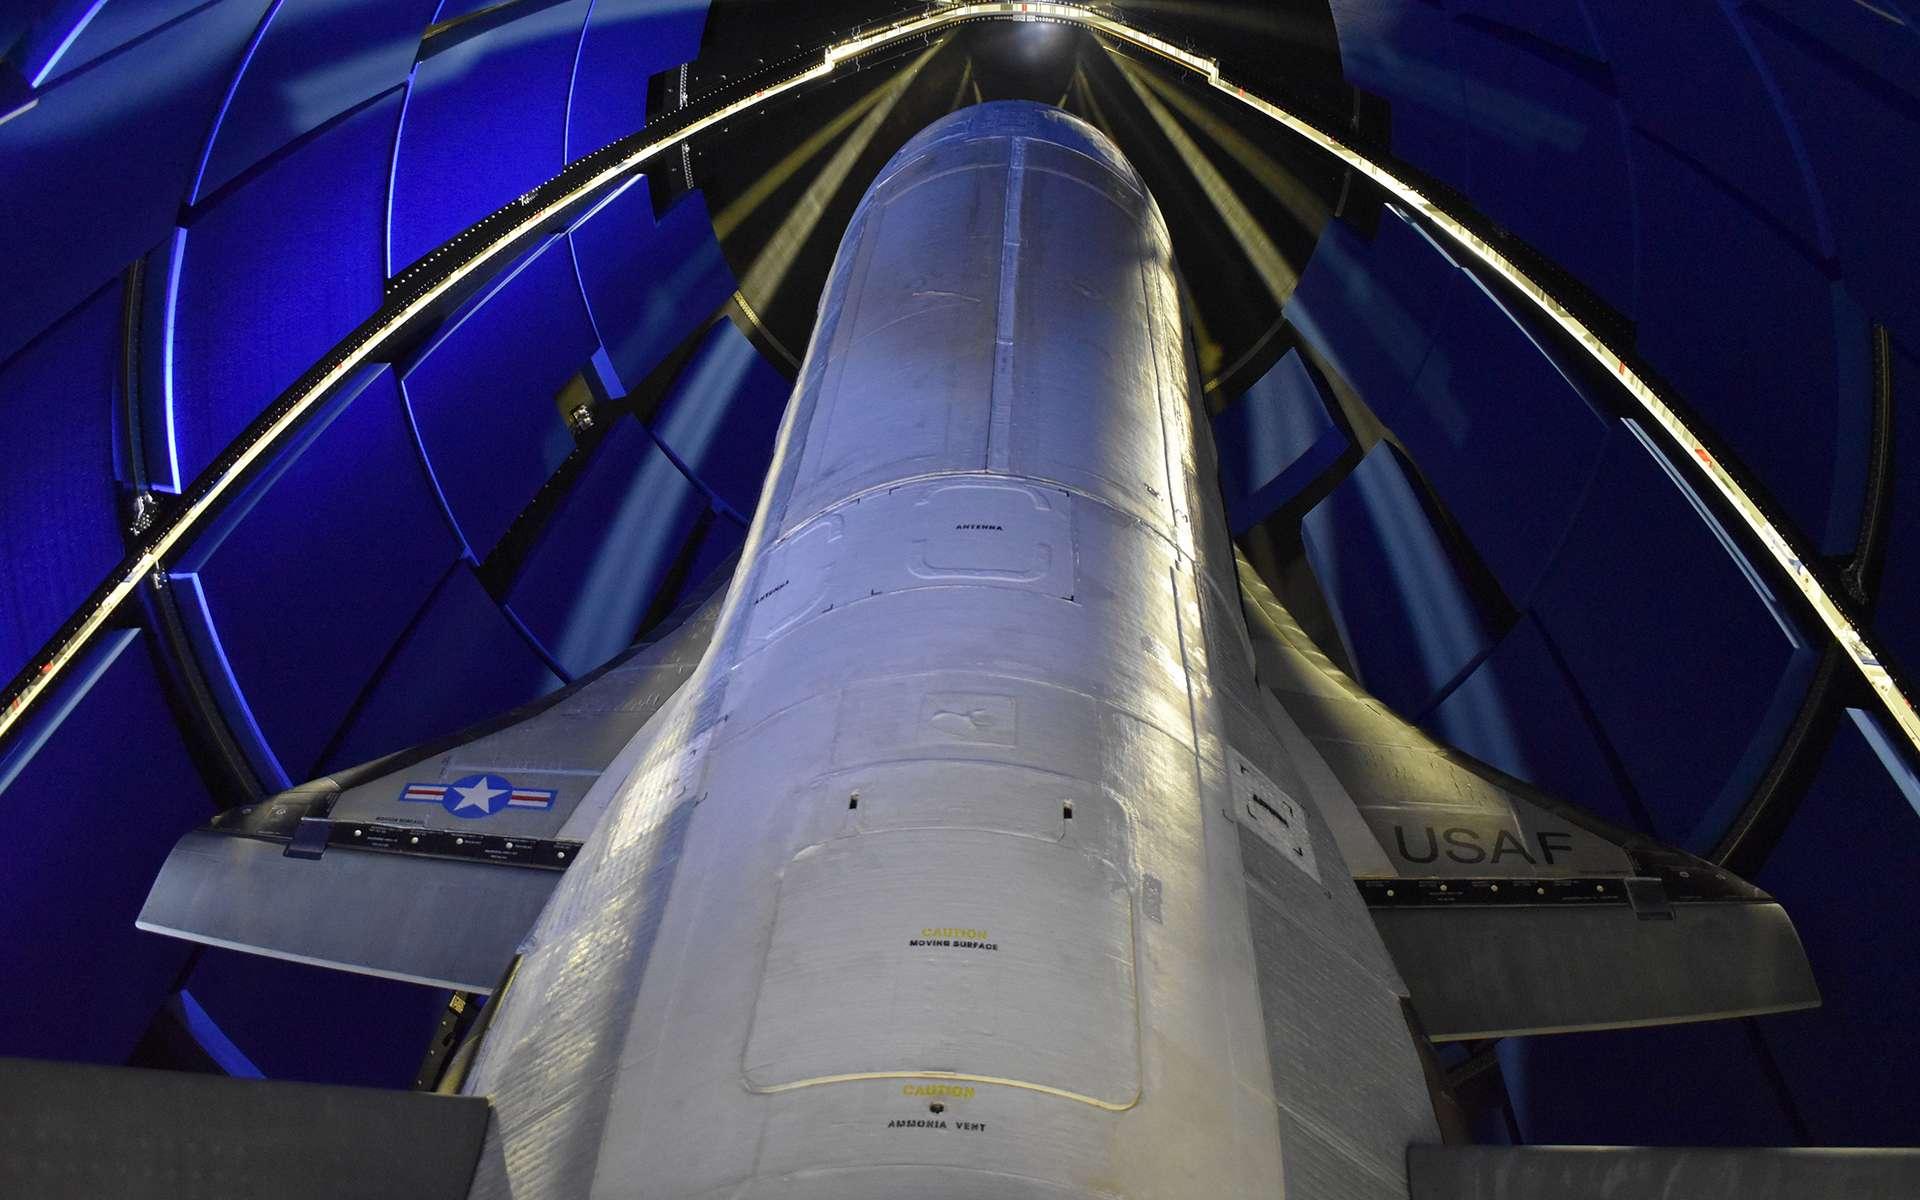 Le X37-B avec son nouveau module de service installé dans la coiffe de son lanceur. Notez que les différentes soutes du véhicule sont clairement visibles sur cette photo. © Boeing